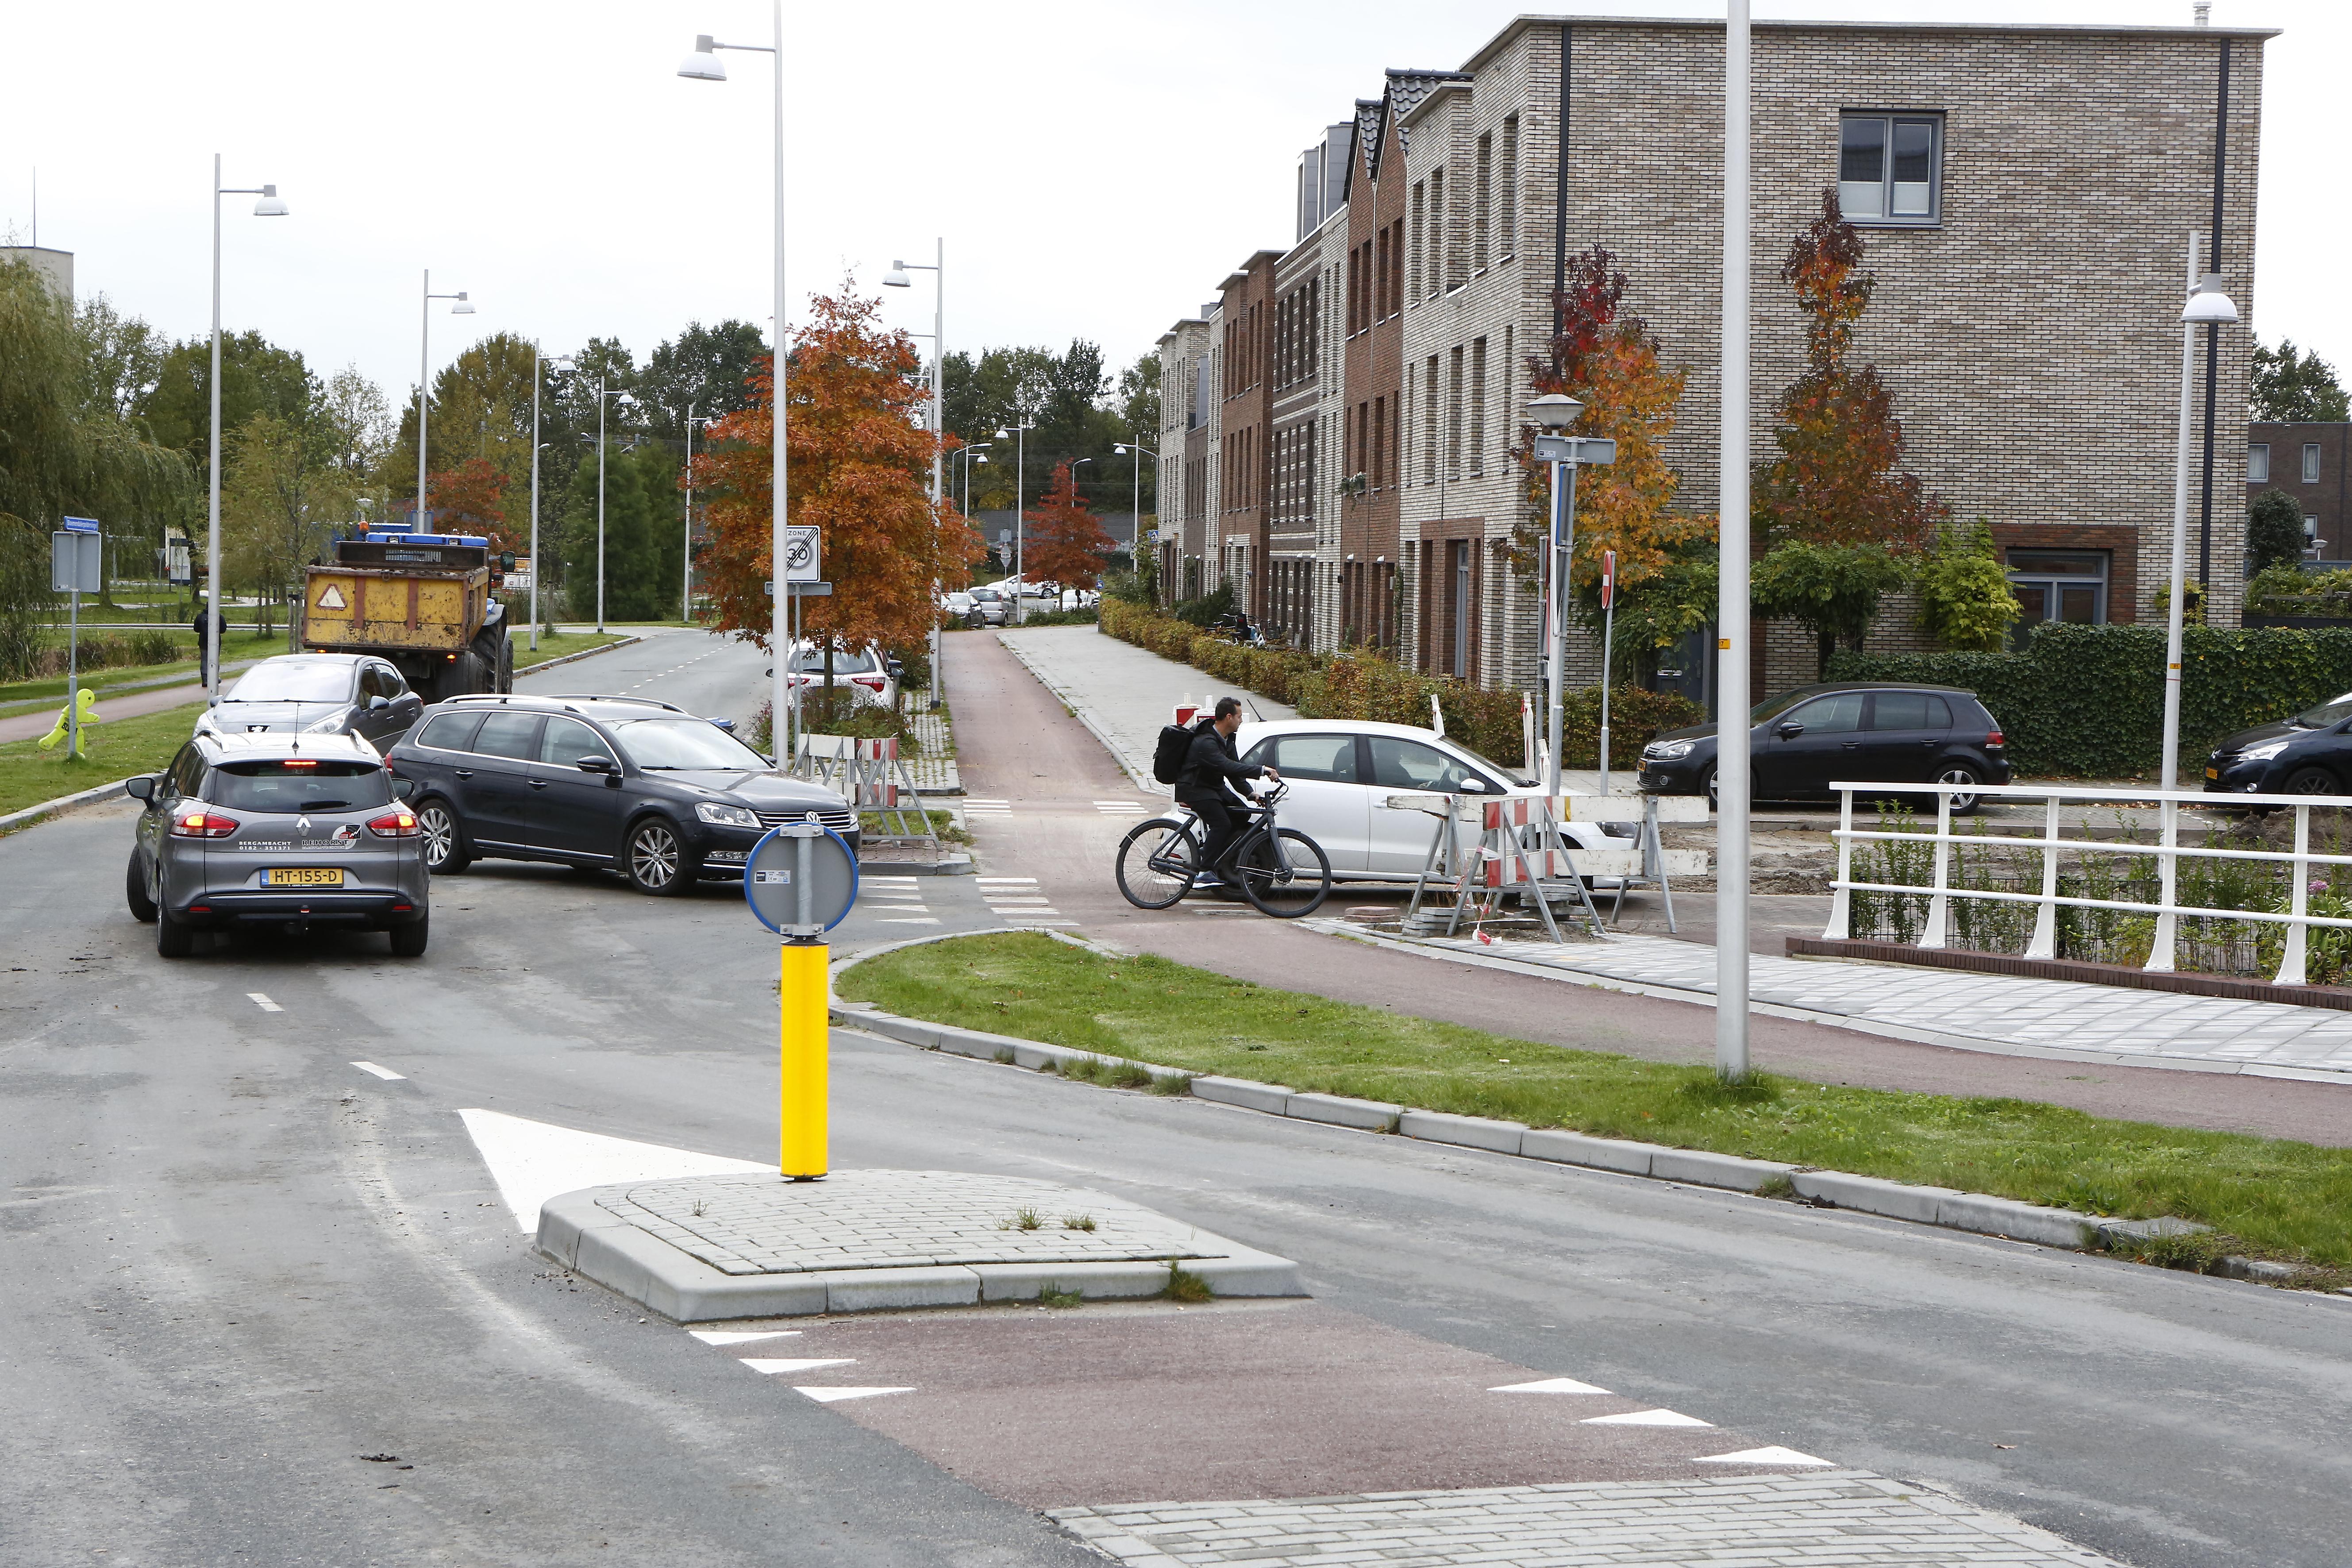 Bewoners van Weespersluis moeten rare capriolen maken met de fiets om Bloemendalerpoldersingel over te steken: 'Geen pretje met een zware bakfiets'